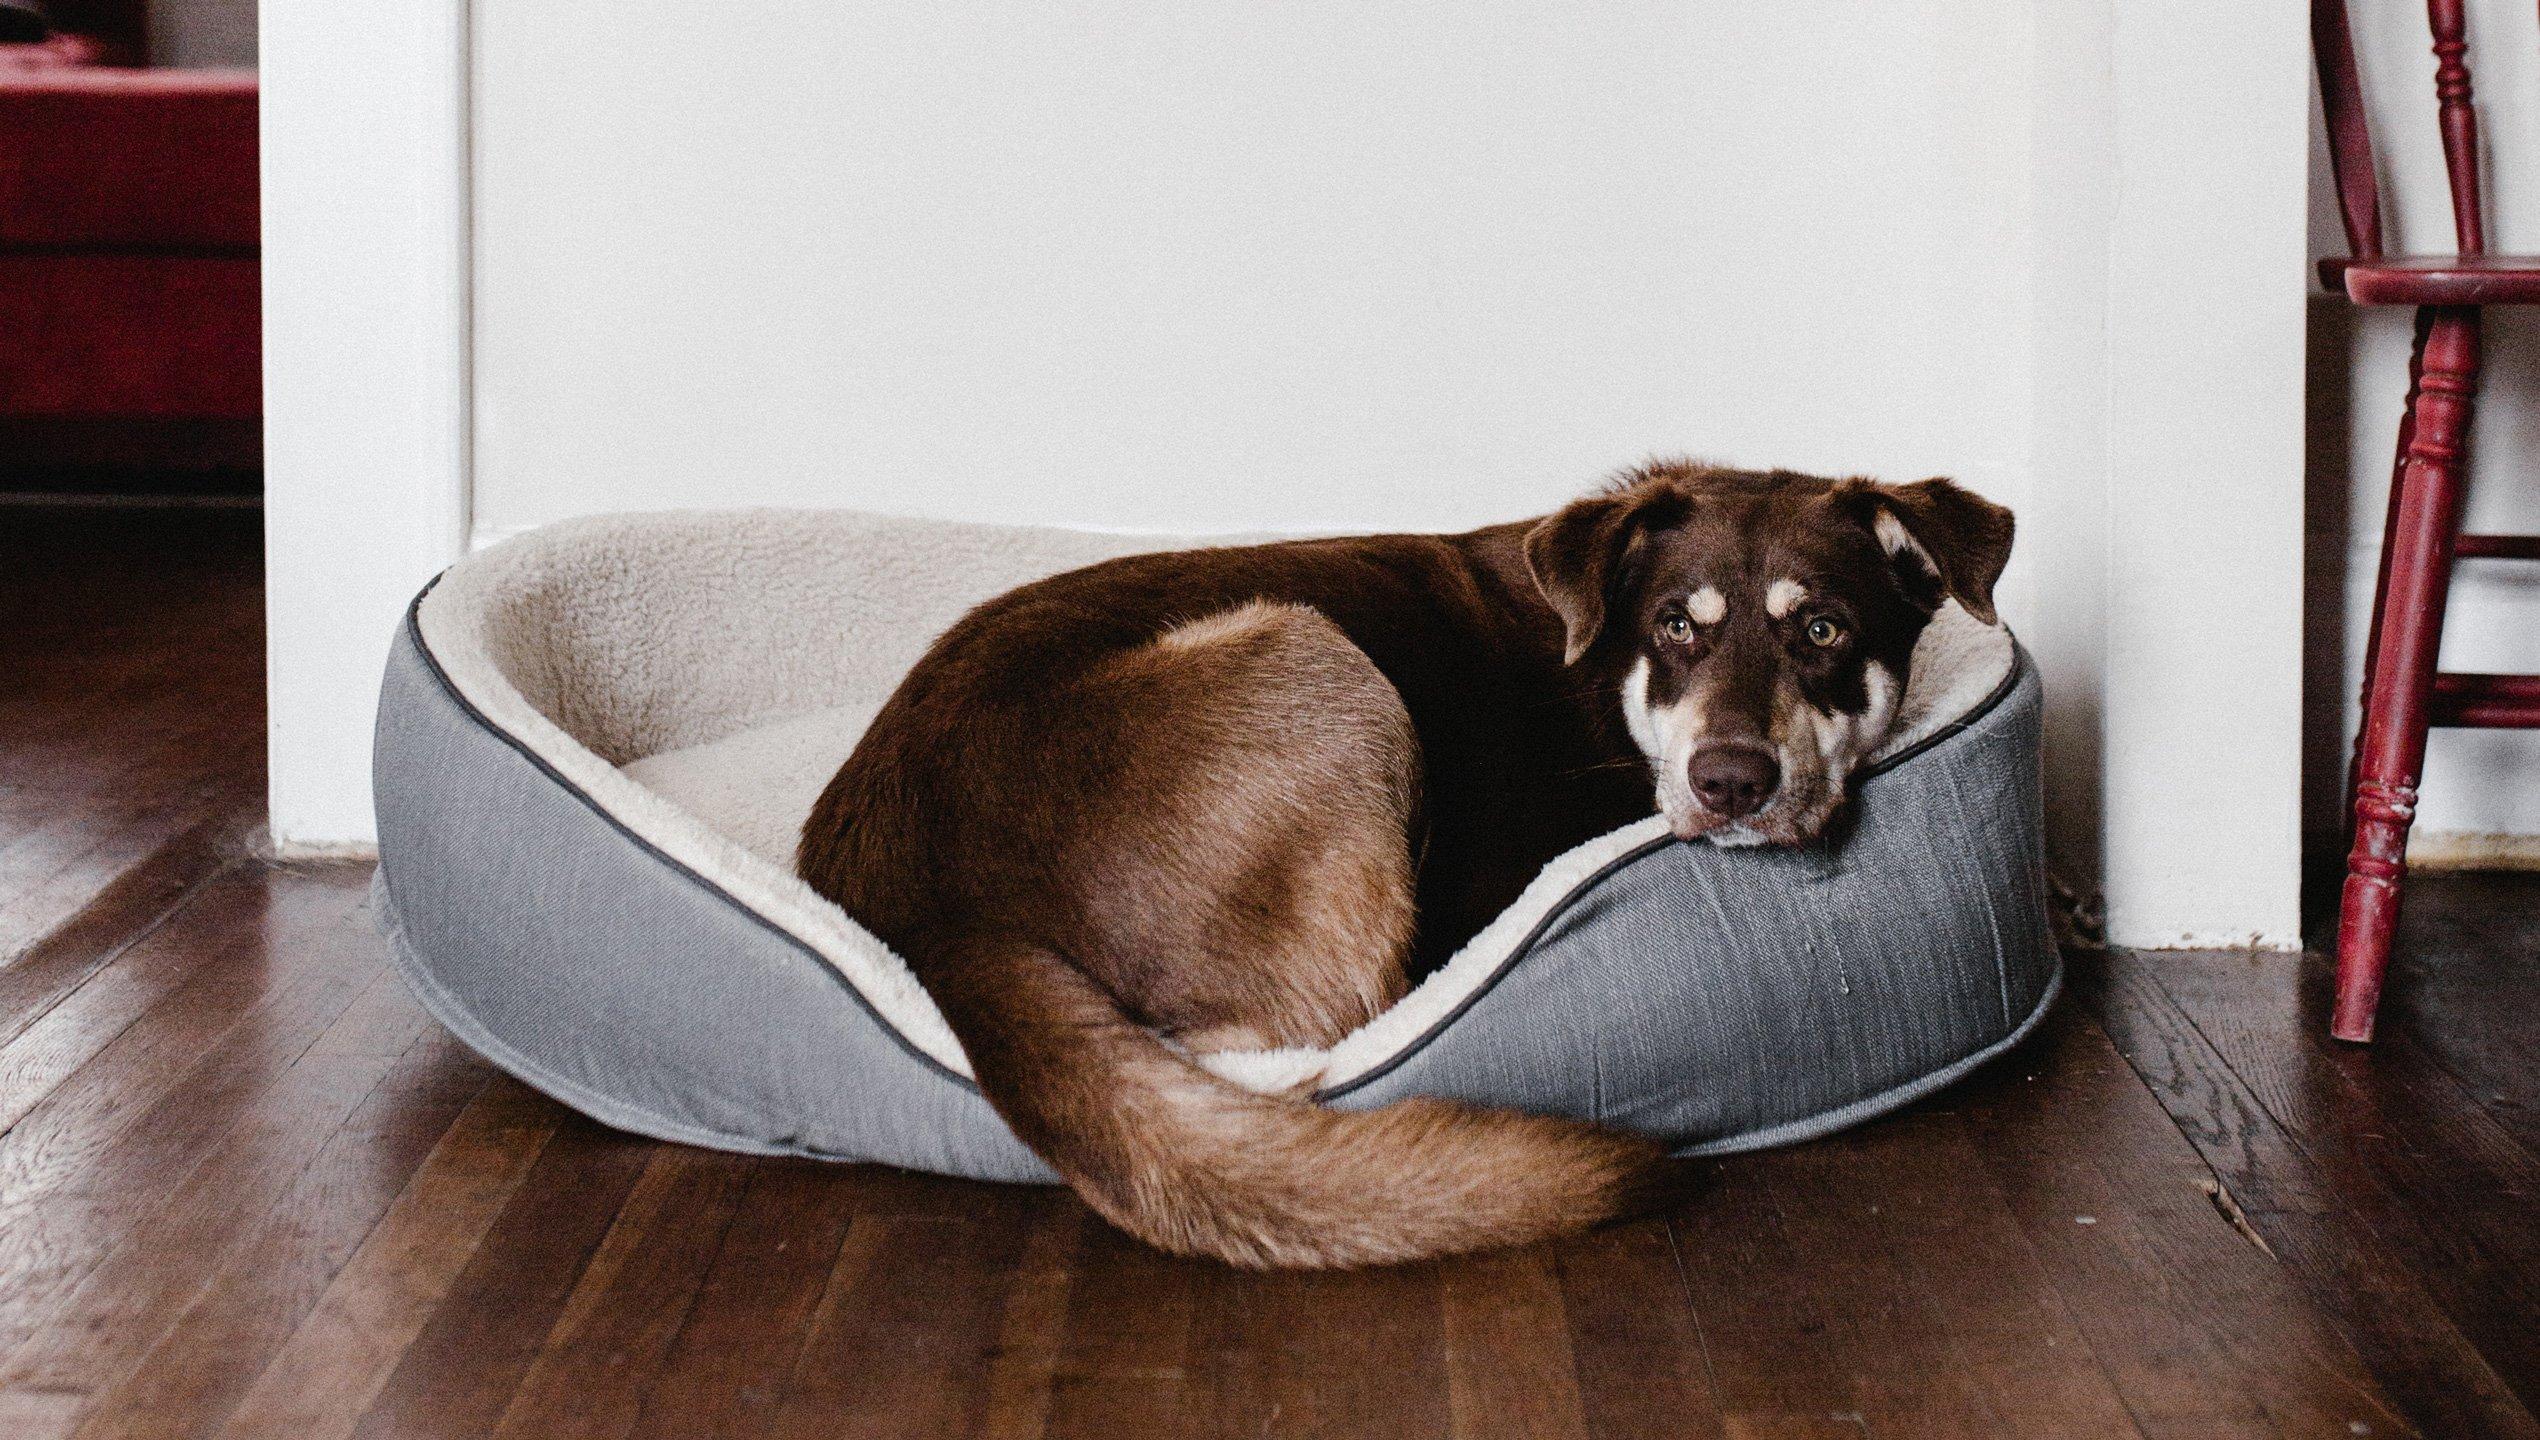 Hund-atzen-op-Versicherung der SaFiVe GmbH & Co. KG, Finanzen und Versicherungen im Raum Aschaffenburg von ihrer unabhängigen Maklerin